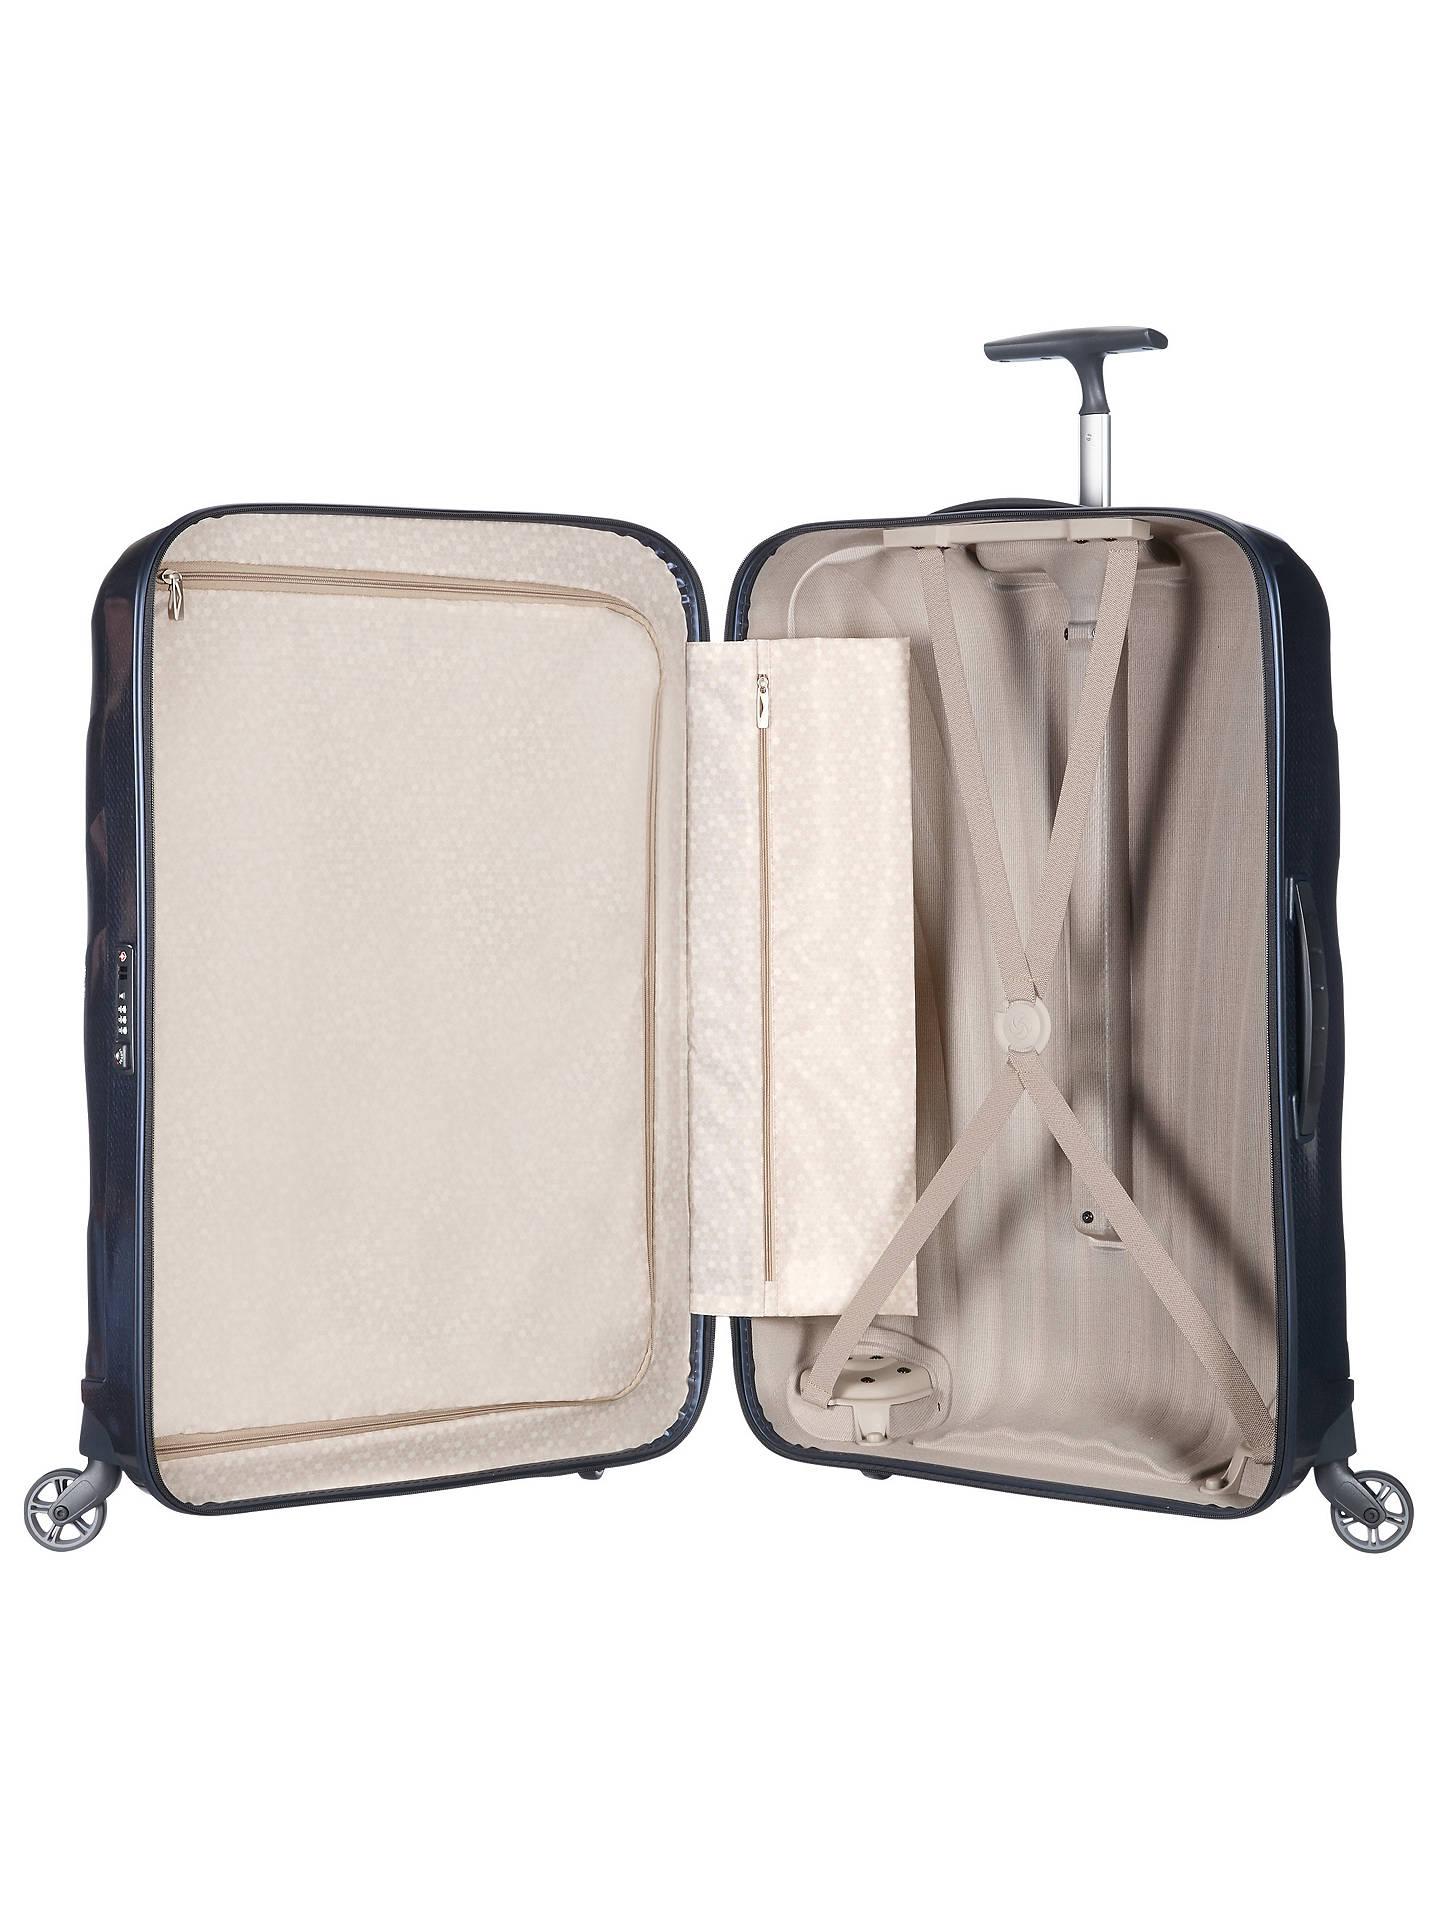 Entdecken Sie die neuesten Trends große Auswahl an Designs Beste Samsonite Cosmolite 3.0 Spinner 4-Wheel 86cm Suitcase, Navy